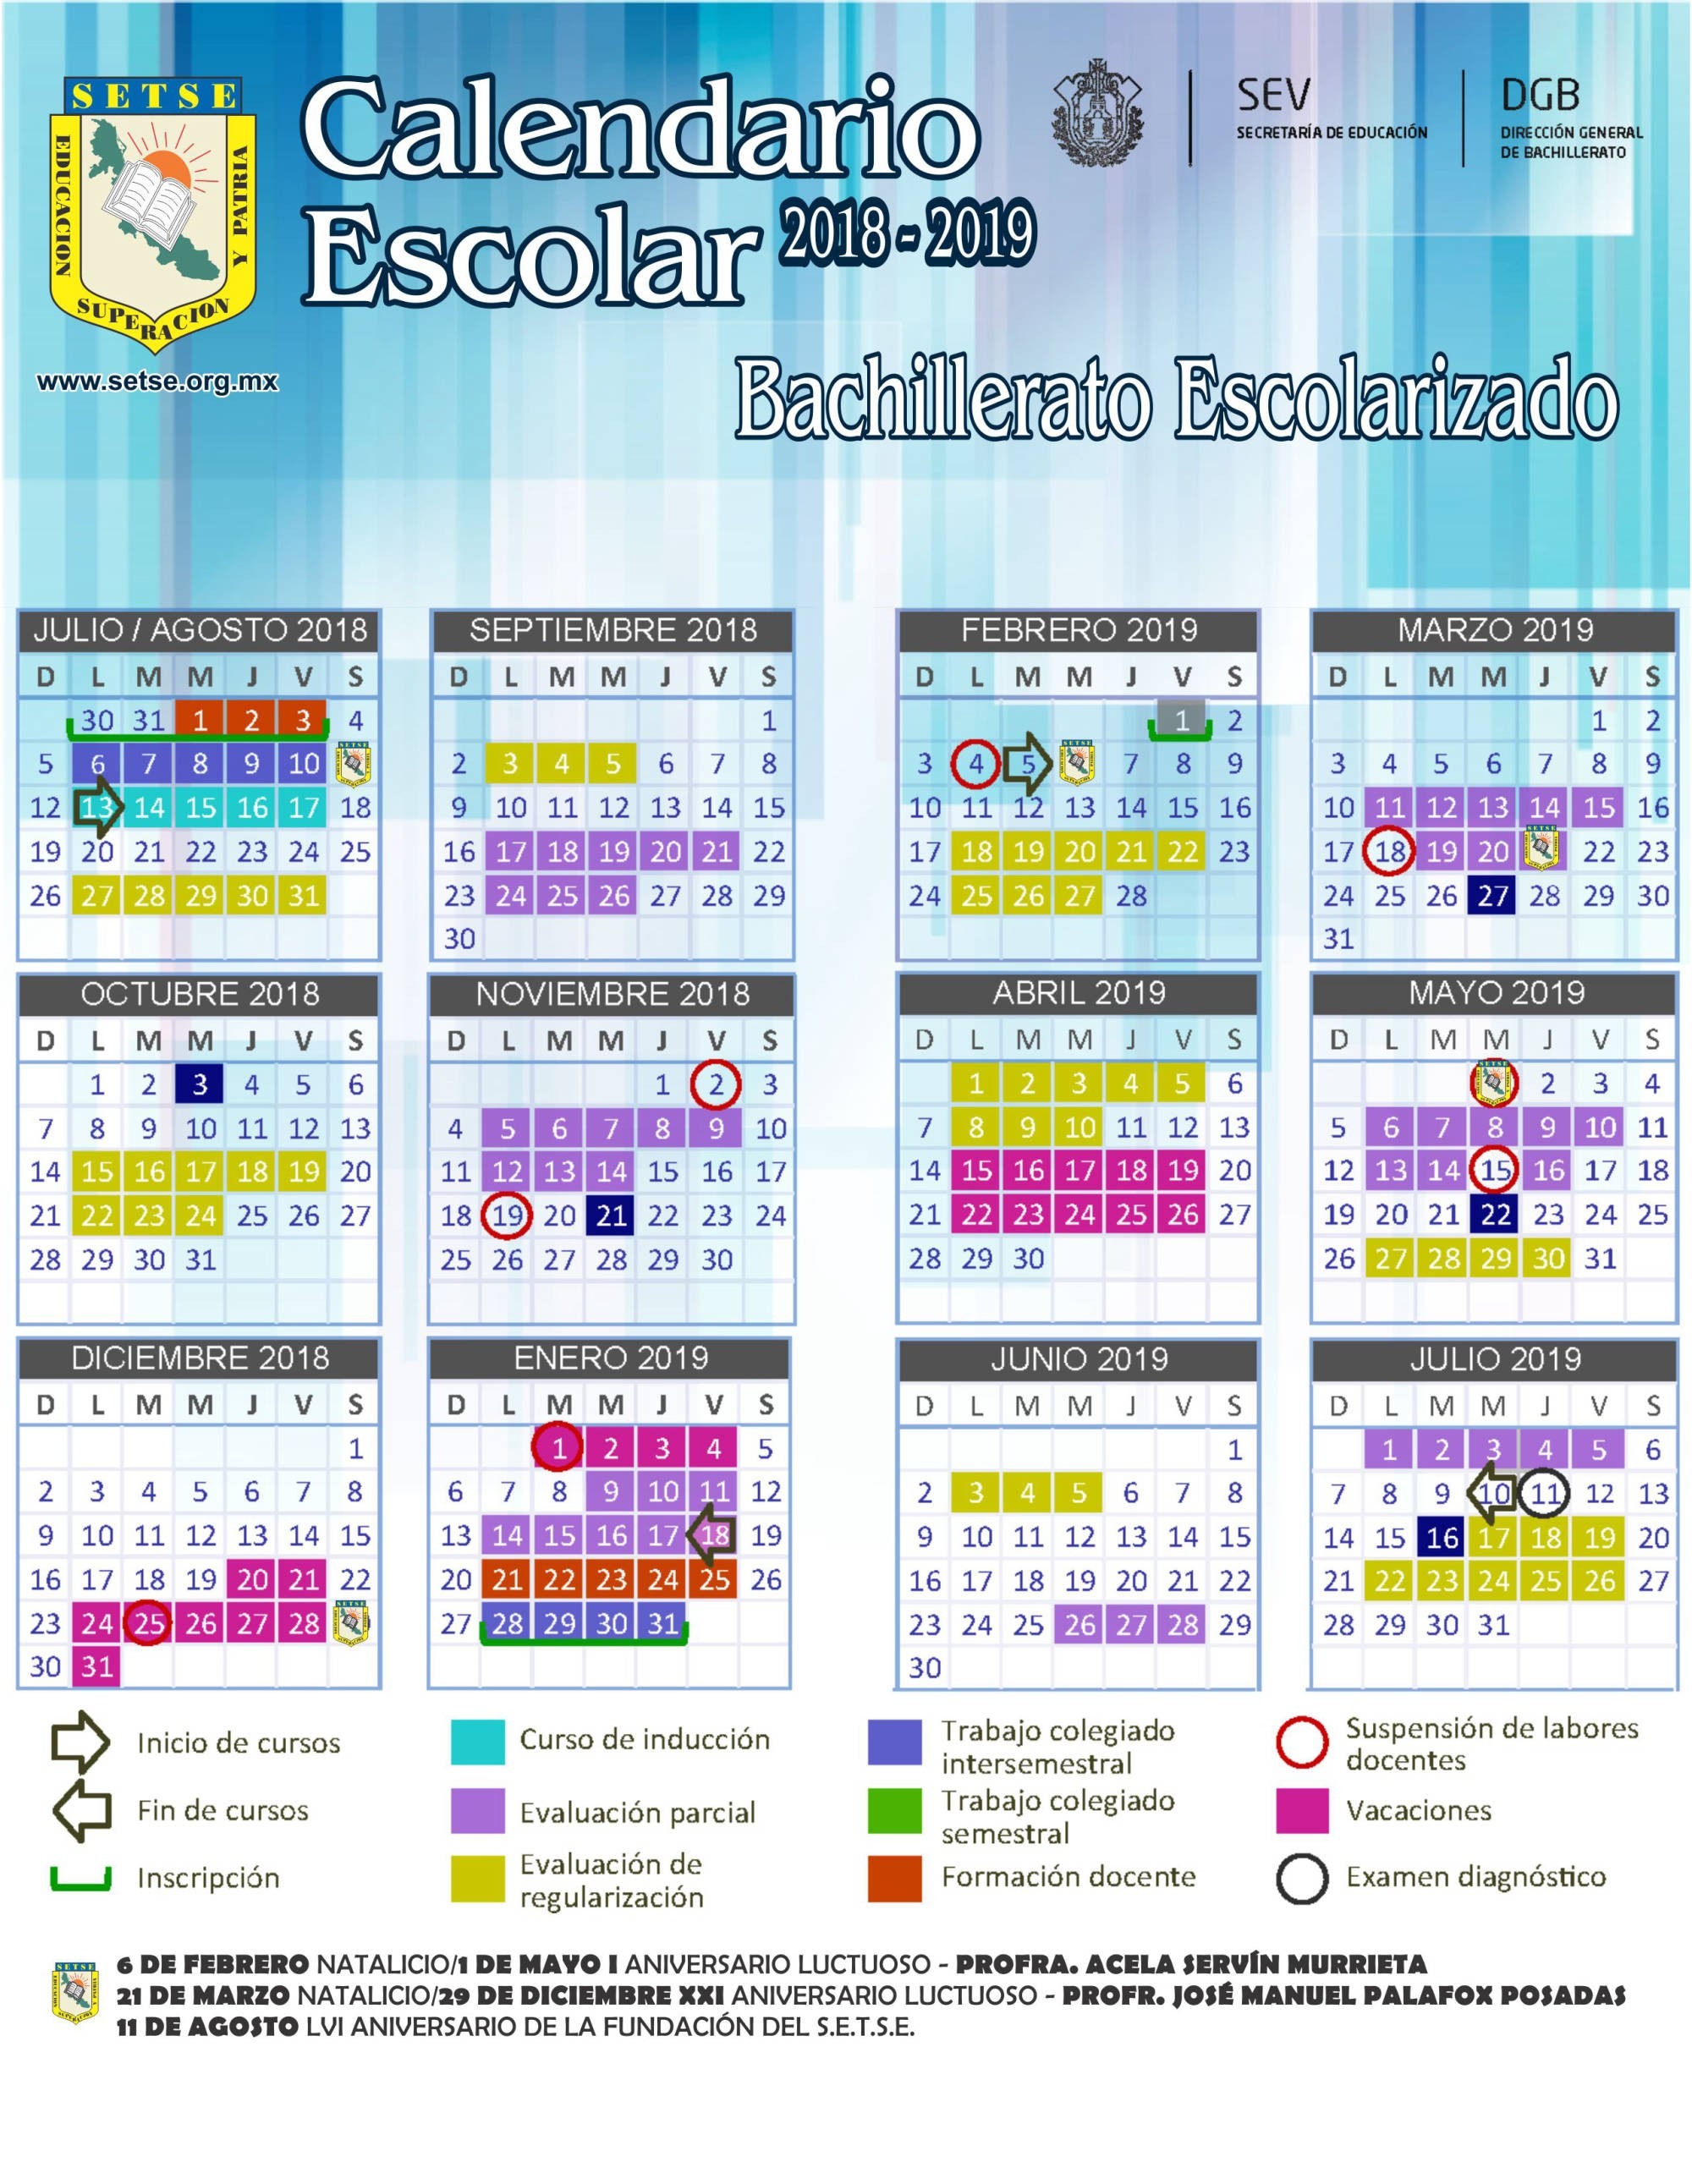 Calendario Abril 2019 Mexico Más Recientes Setse Of Calendario Abril 2019 Mexico Más Recientes Espa±ol Calendario 2019 — Archivo Imágenes Vectoriales © Rustamank